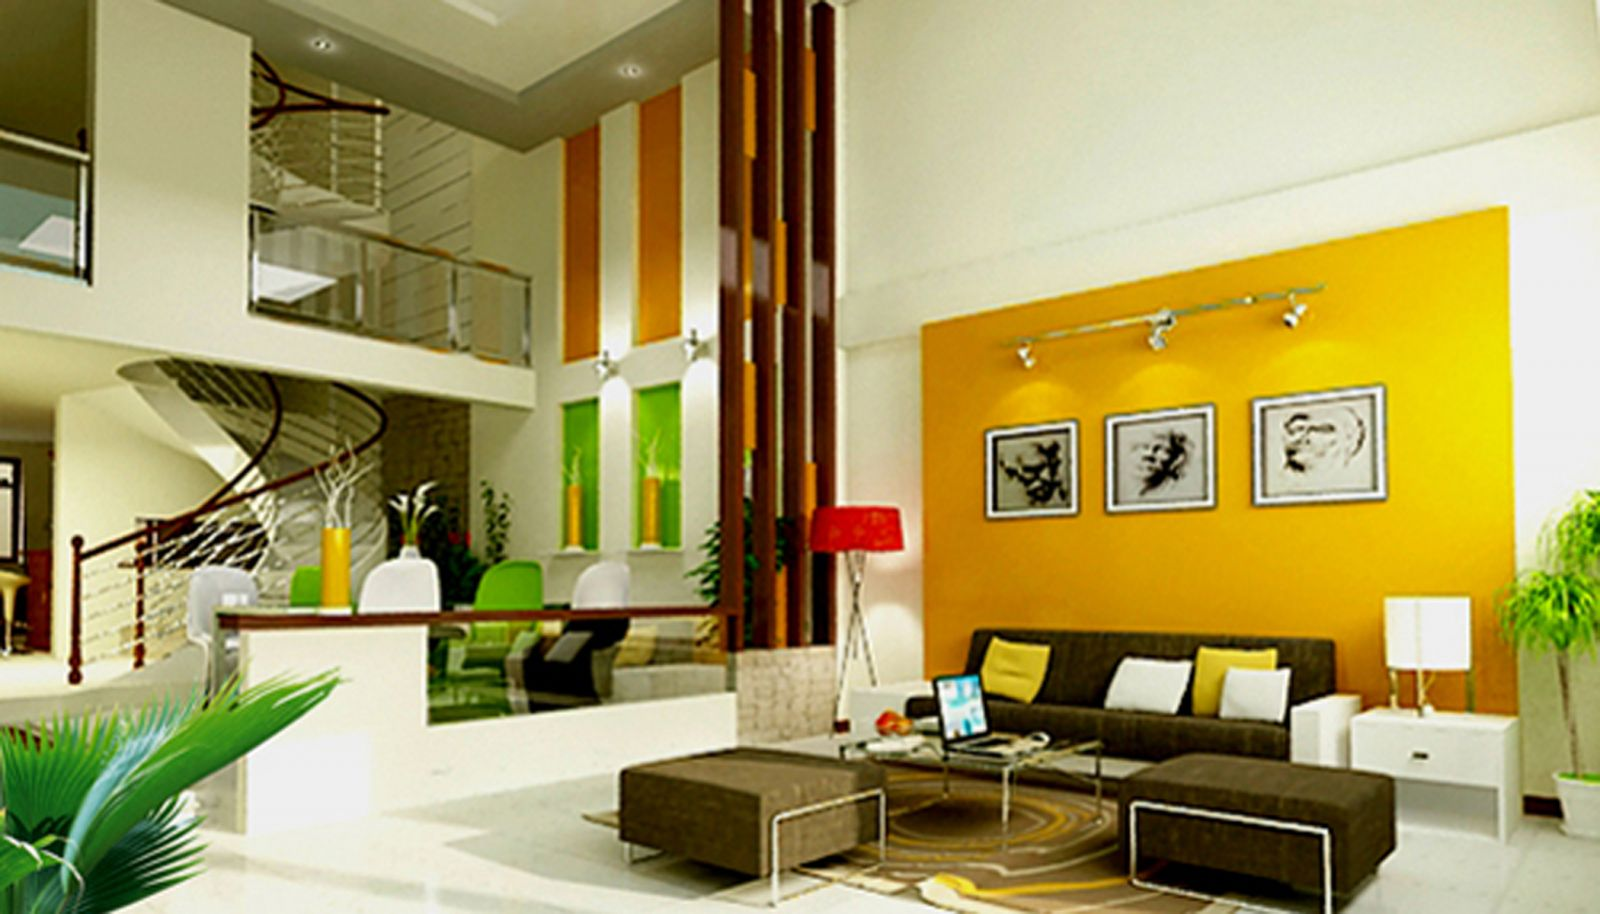 Phong thủy trong thiết kế nội thất